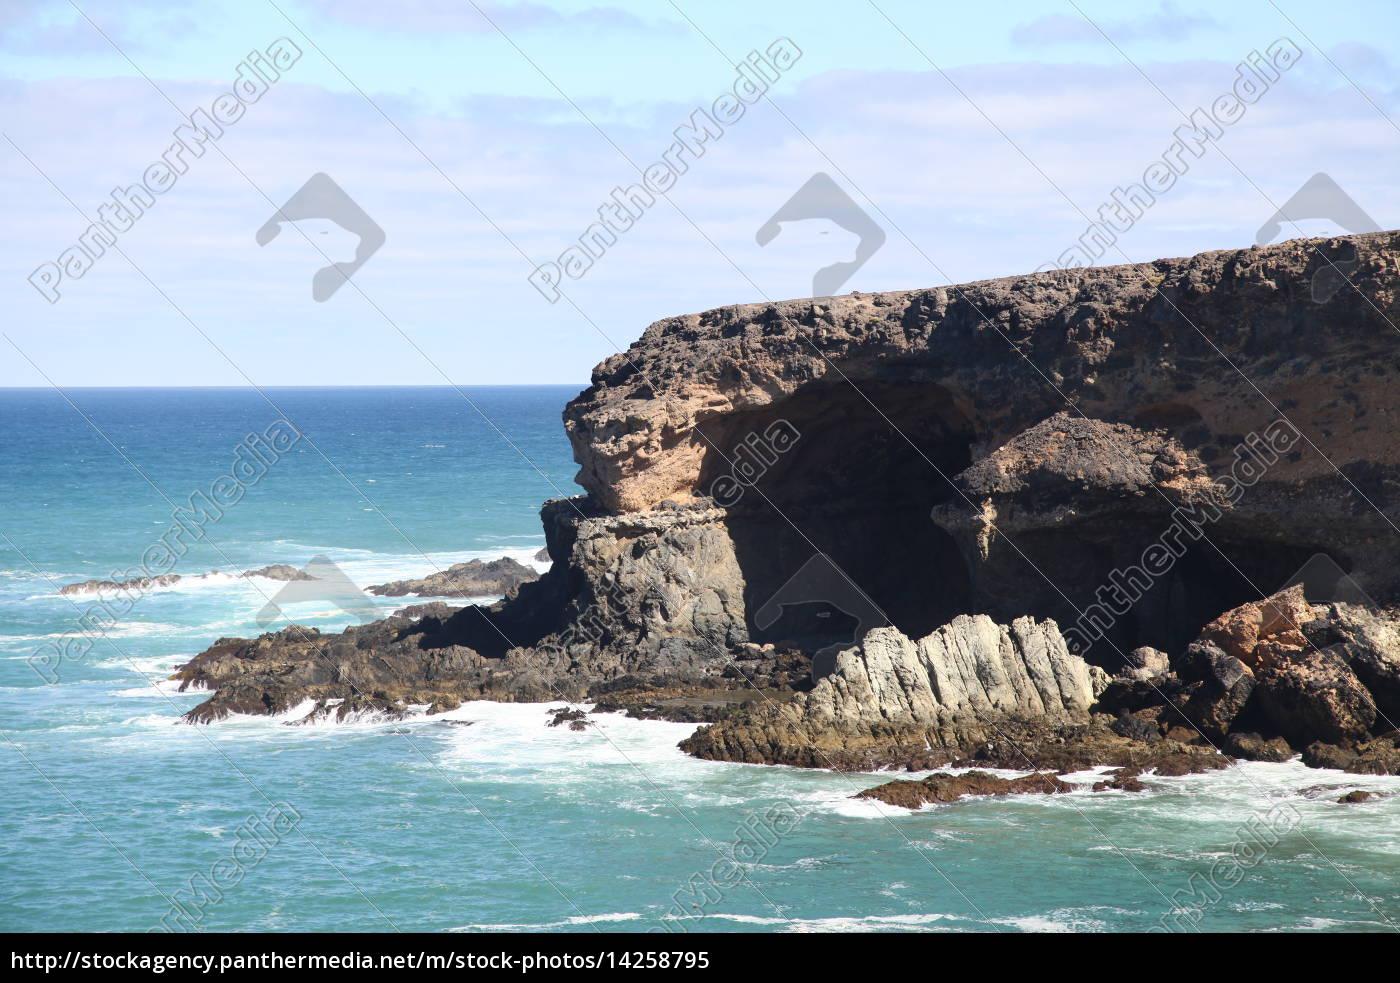 Fuerteventura, Kanarischen Inseln, Kanaren, Insel, Urlaub, Reise - 14258795